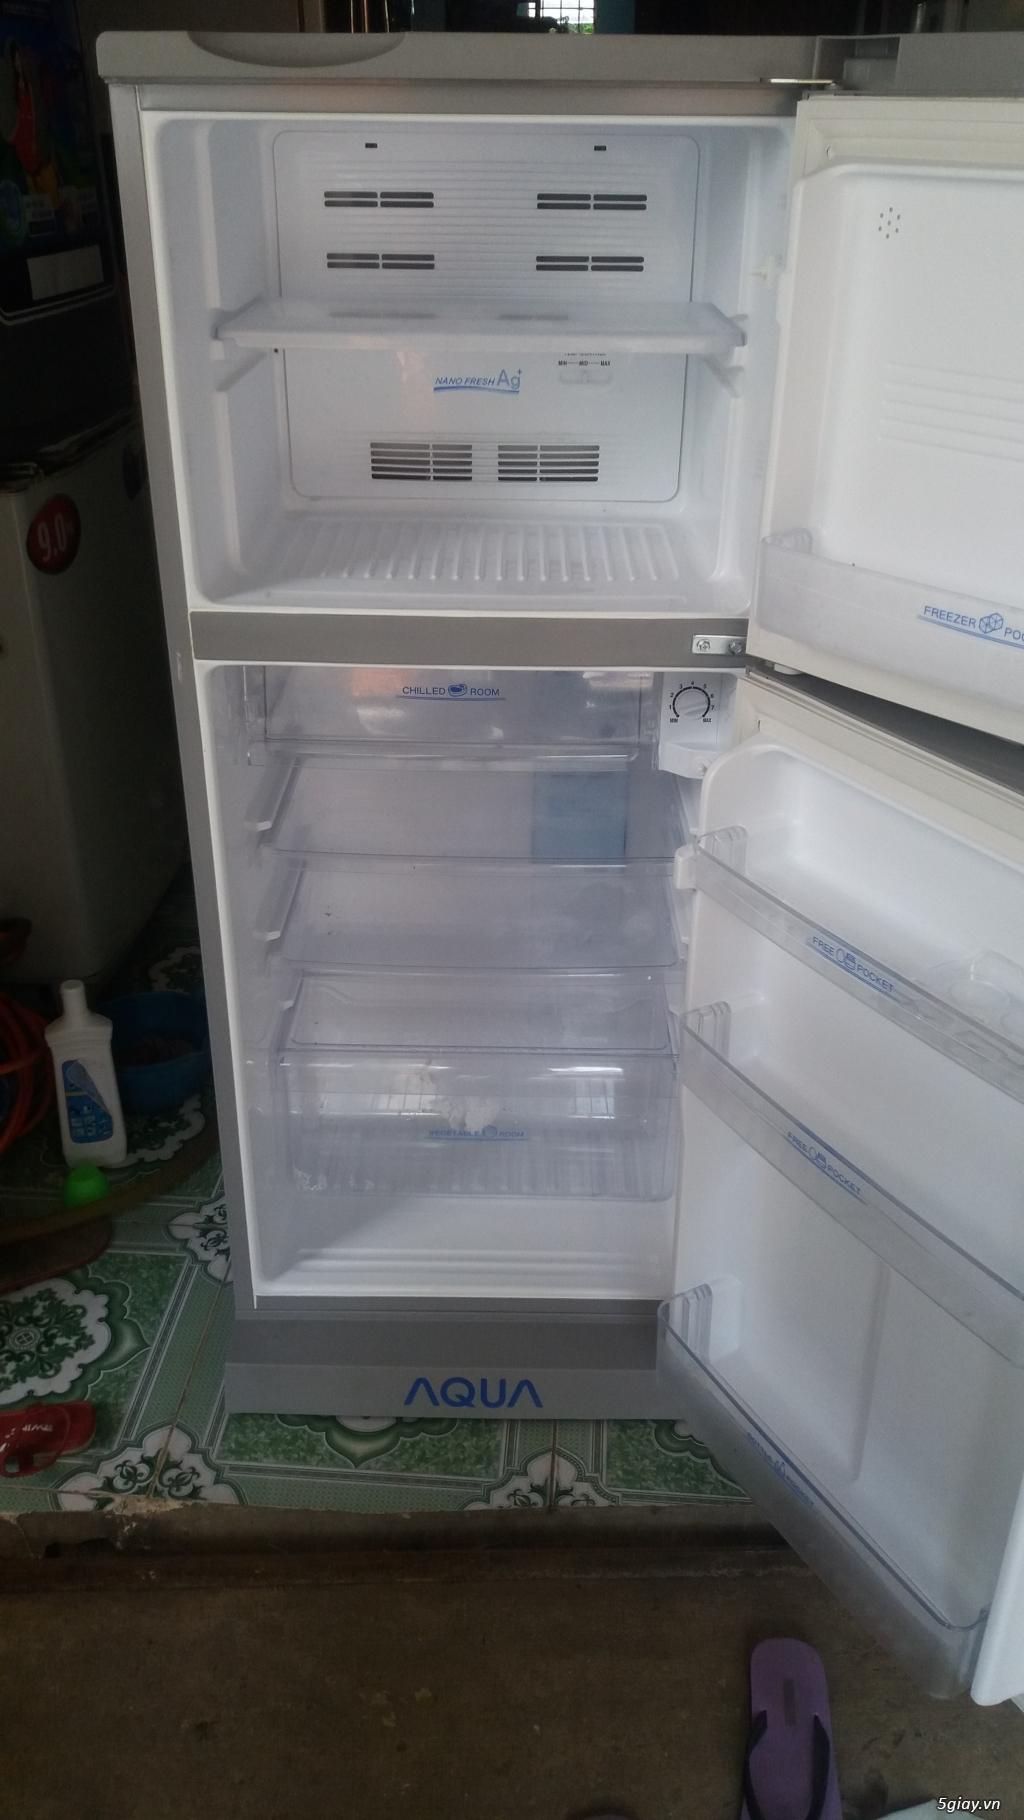 Tủ lạnh aqua 180 lít - 1